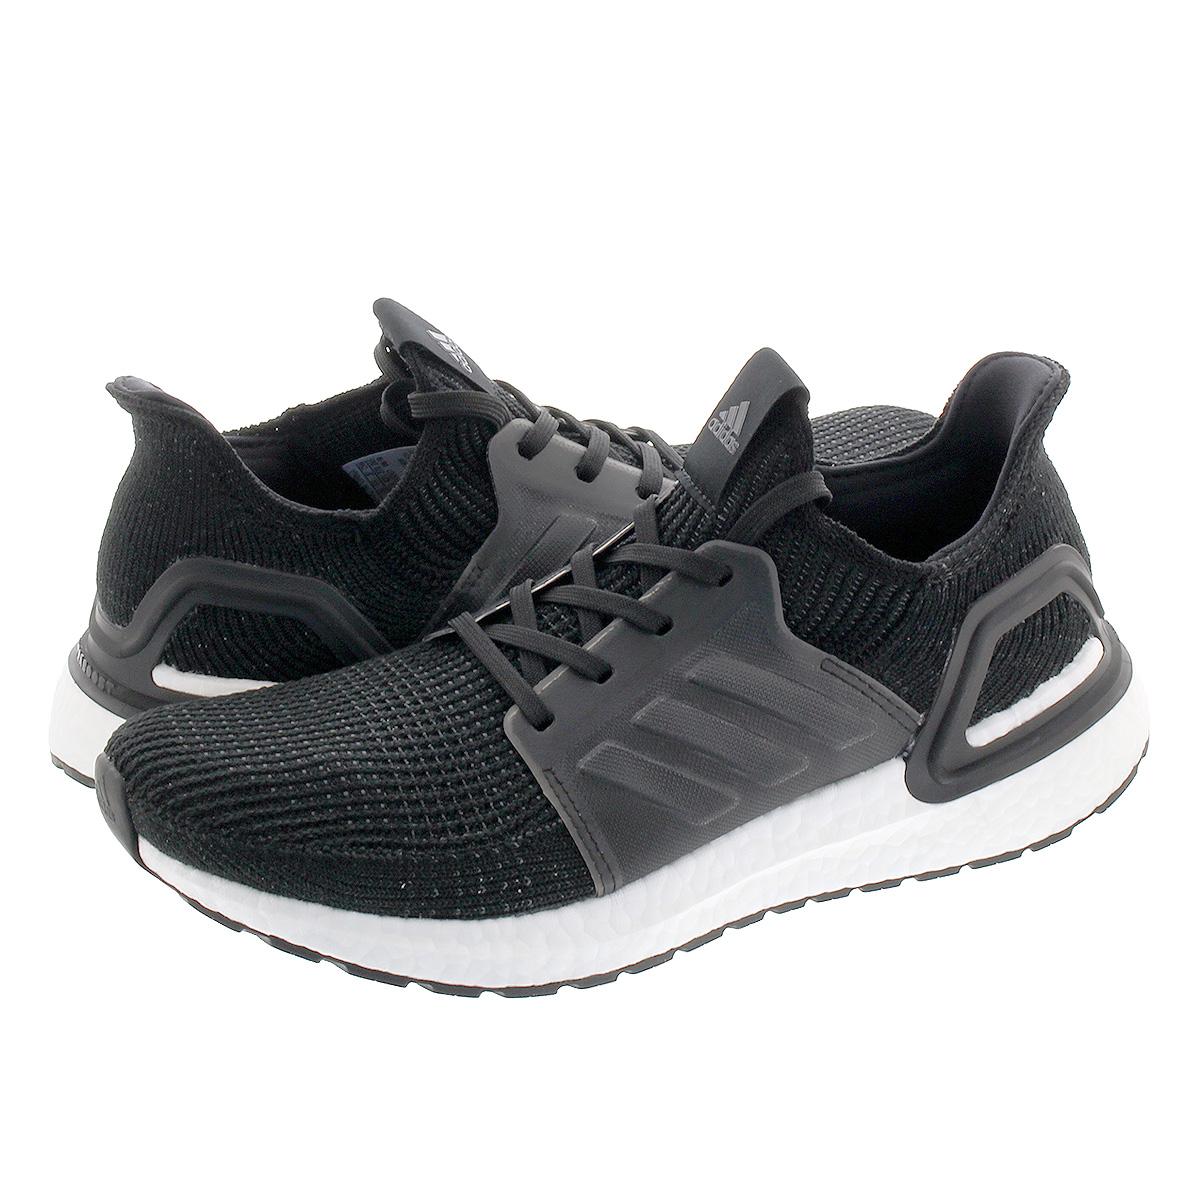 【スーパーSALE】adidas ULTRA BOOST 19 アディダス ウルトラ ブースト 19 CORE BLACK/CORE BLACK/RUNNING WHITE g54009